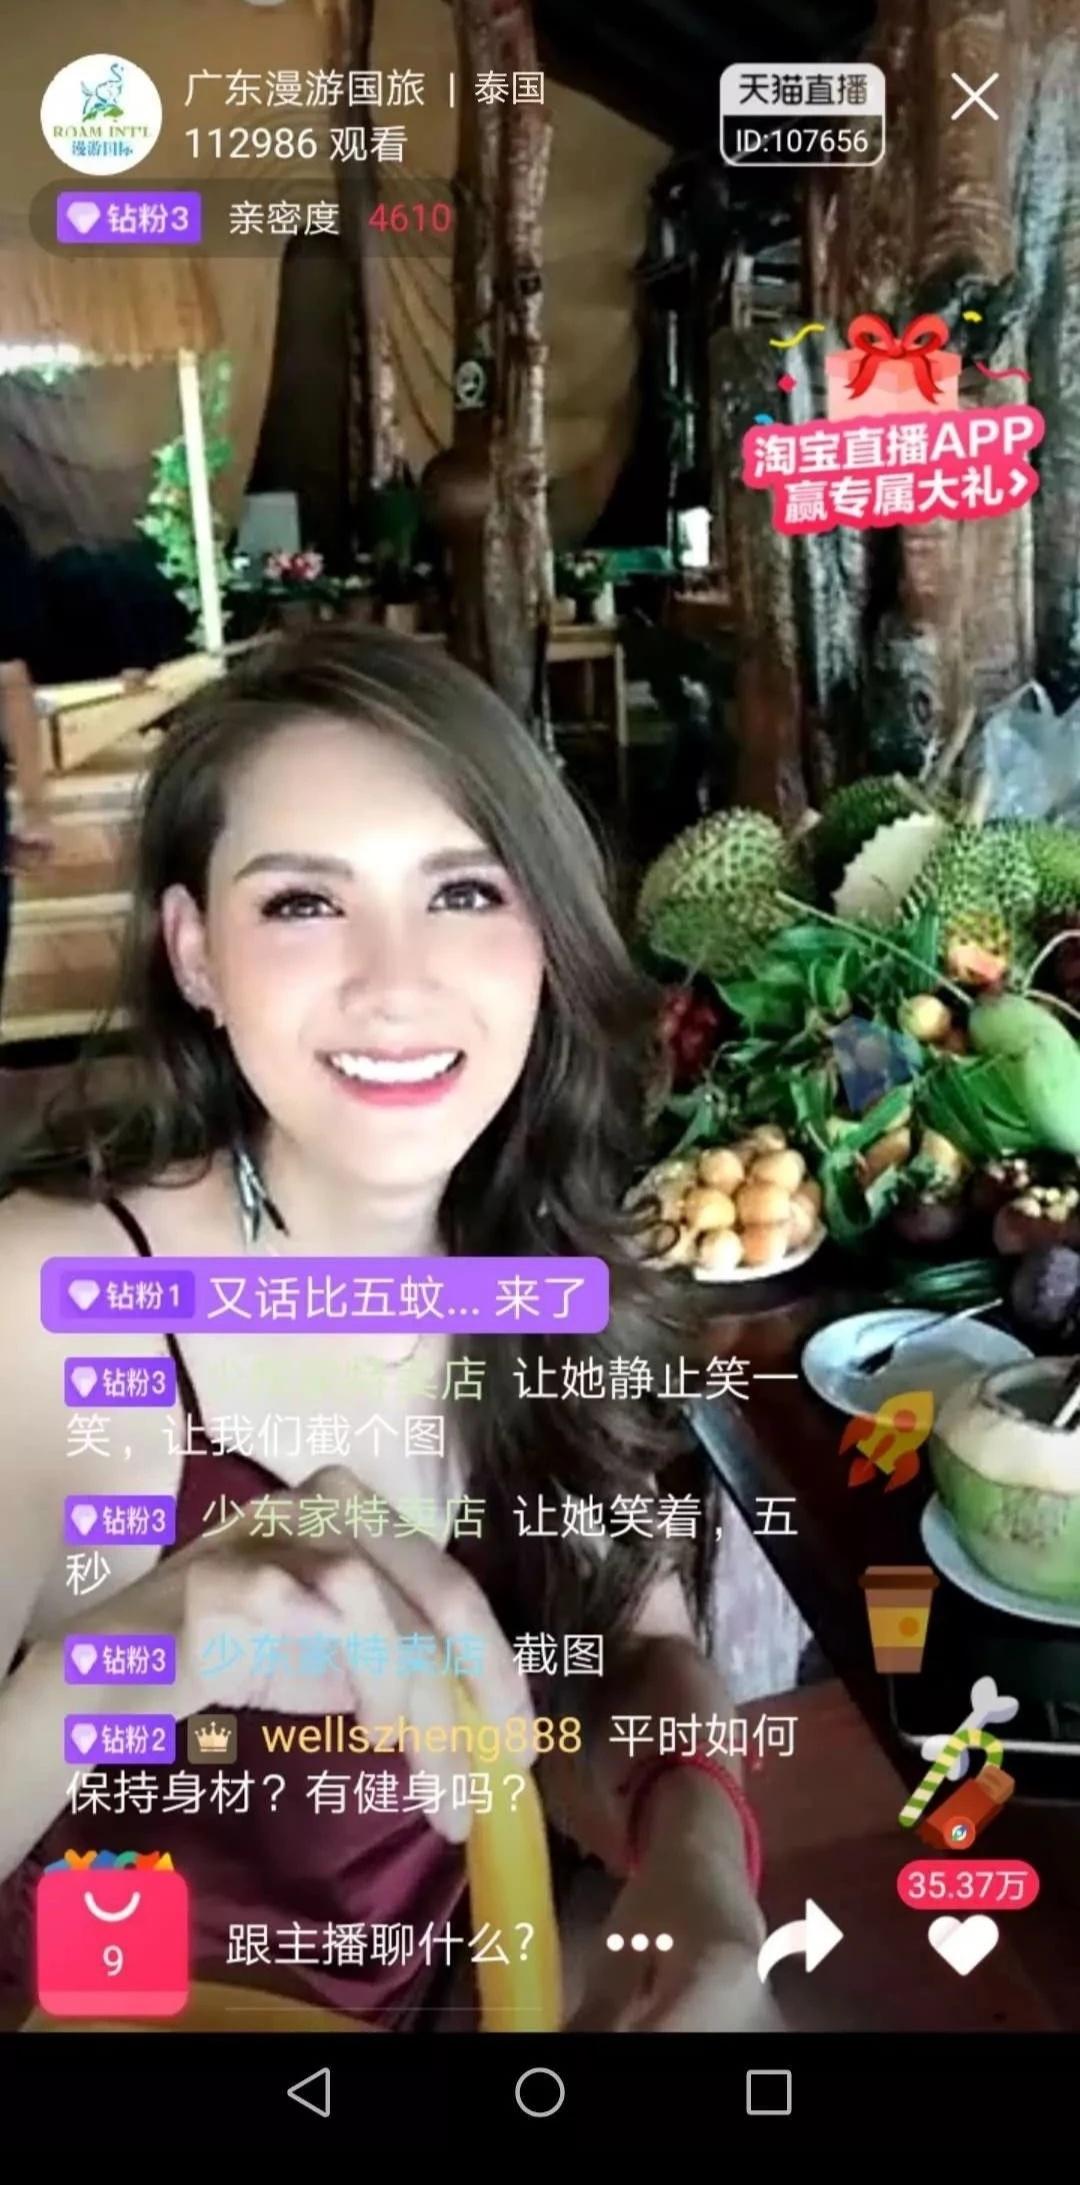 Screenshot_2019-08-01-10-43-58-570_com.tencent.mm.png